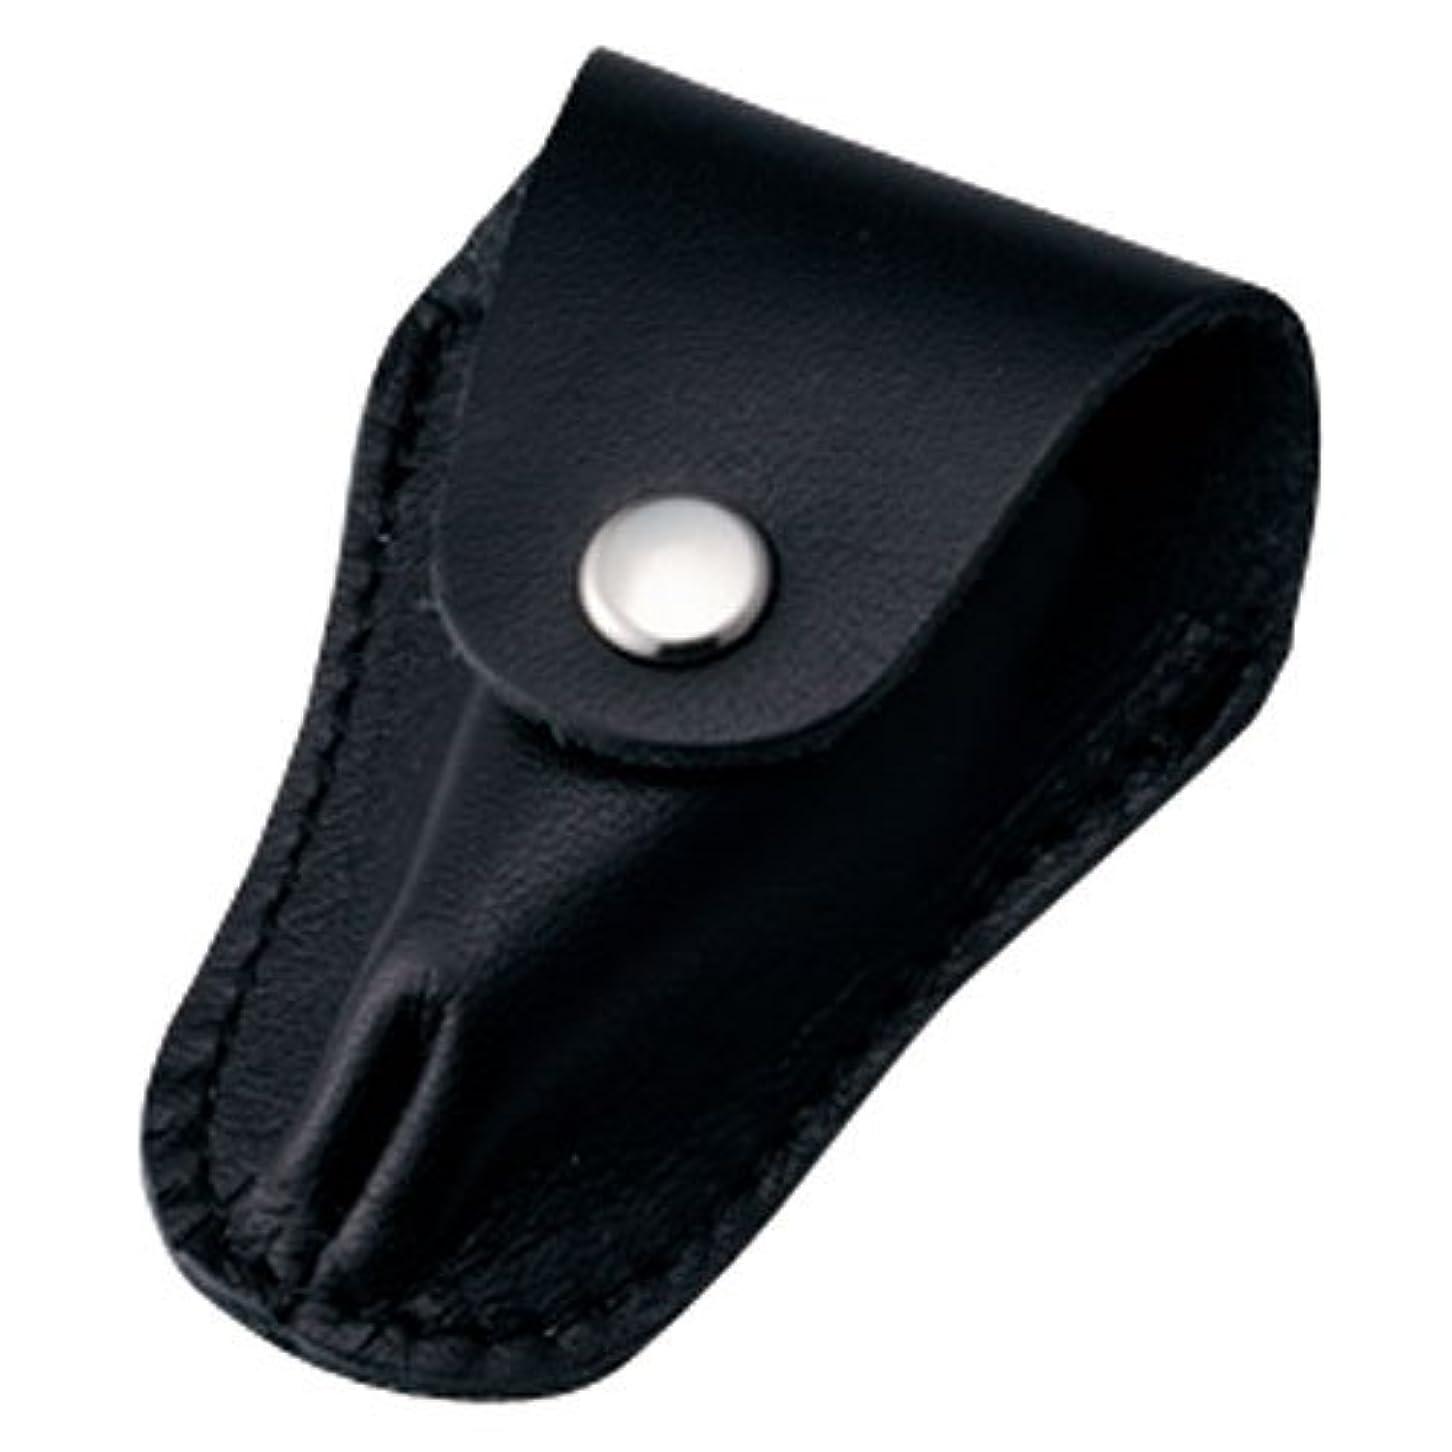 ギャング典型的なショートカット内海 ニッパーキャップL ブラック 本革製のキューティクルニッパー用刃先カバー